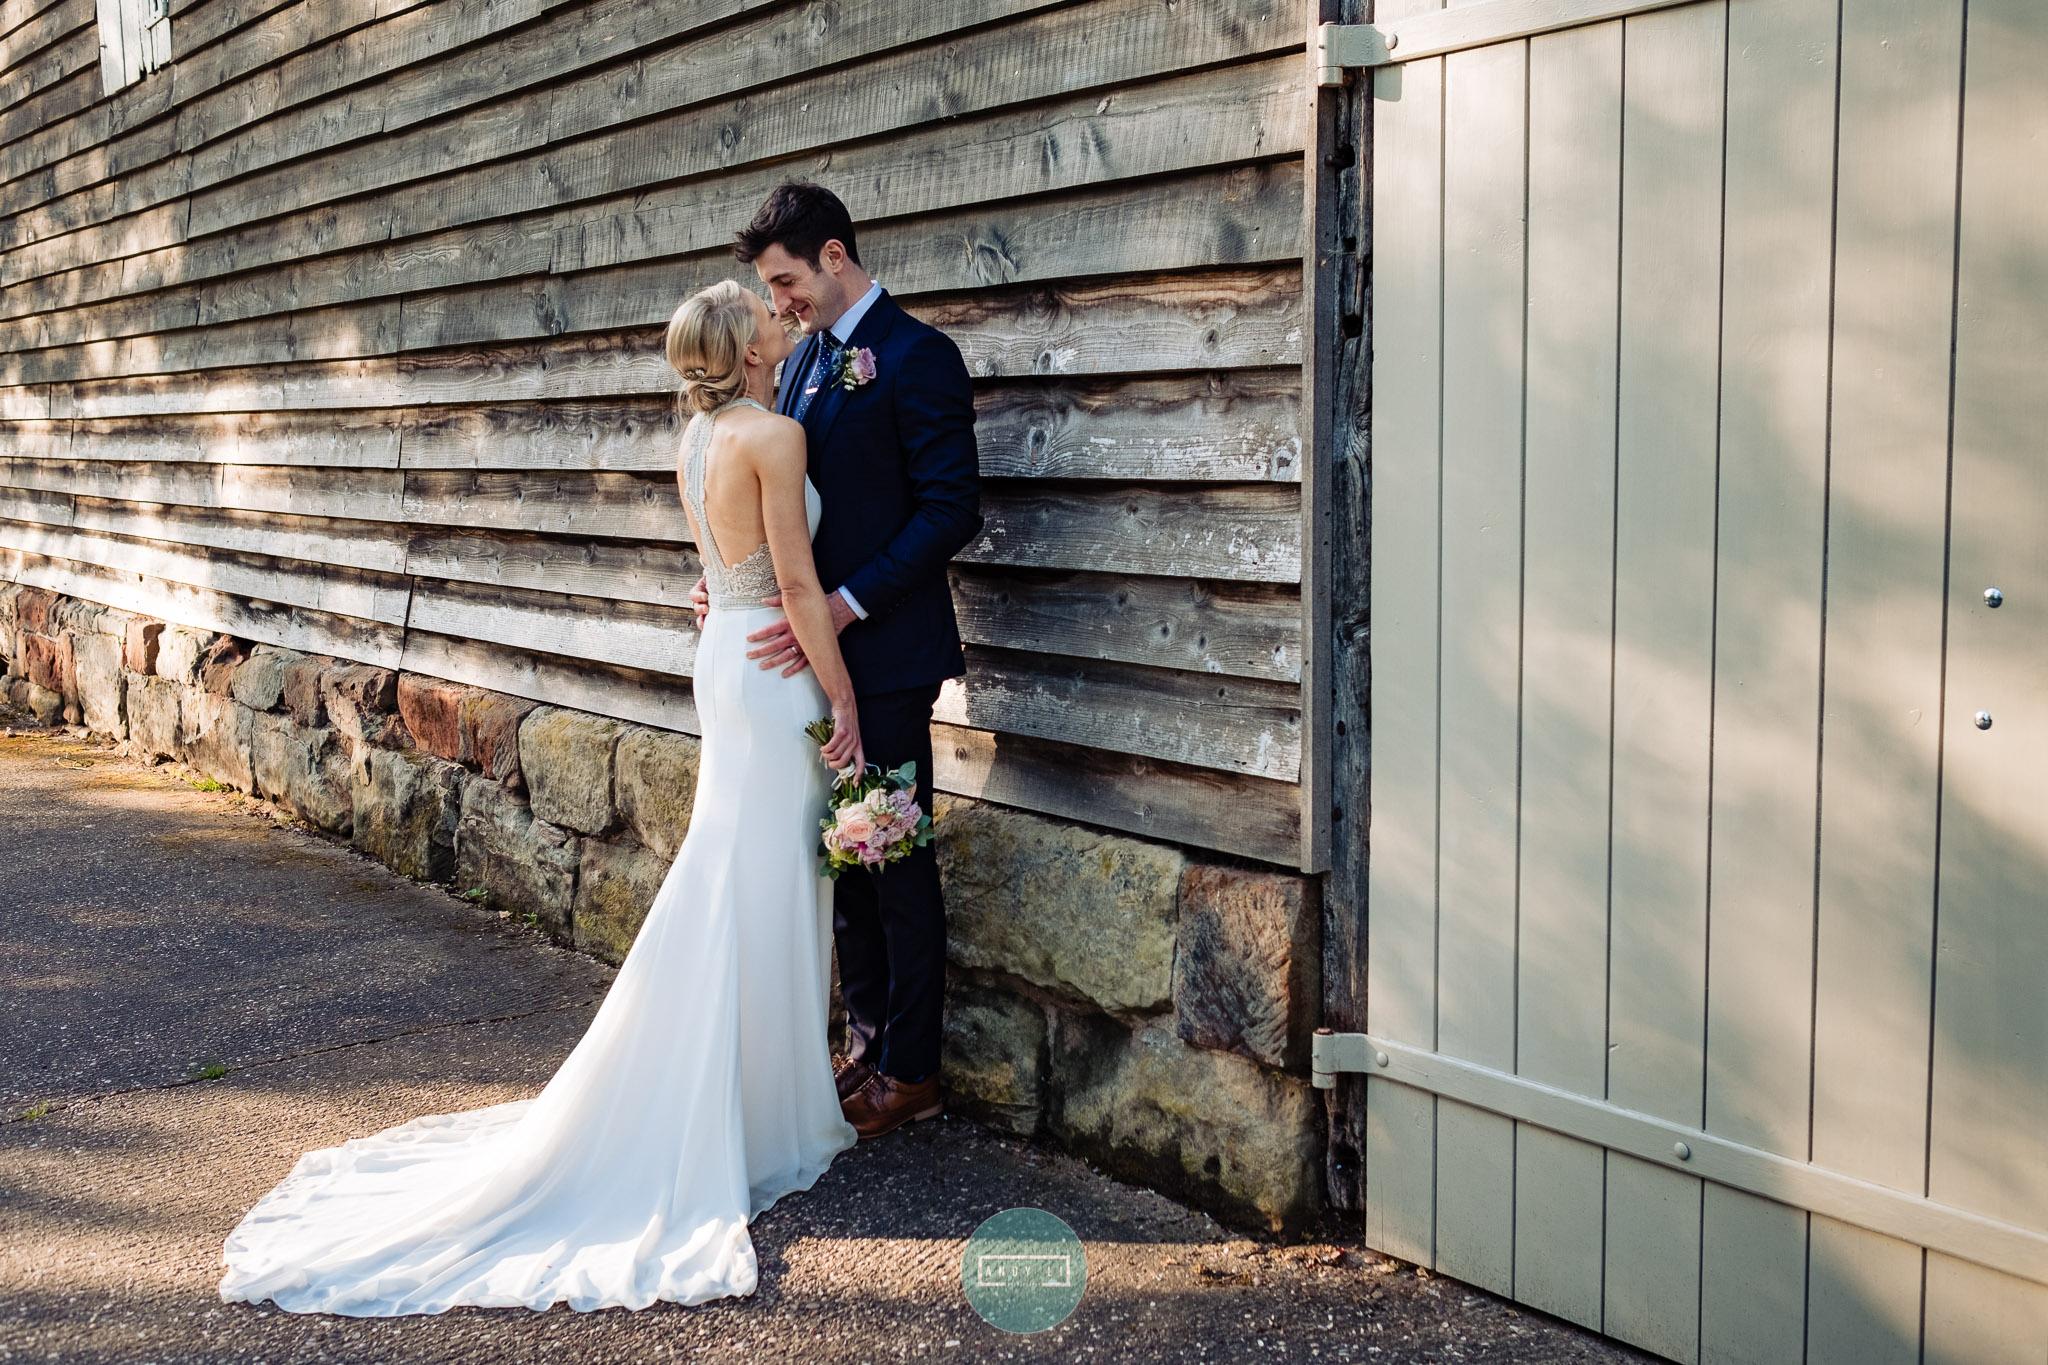 Pimhill Barn Wedding Photographer-022-AXT29578.jpg